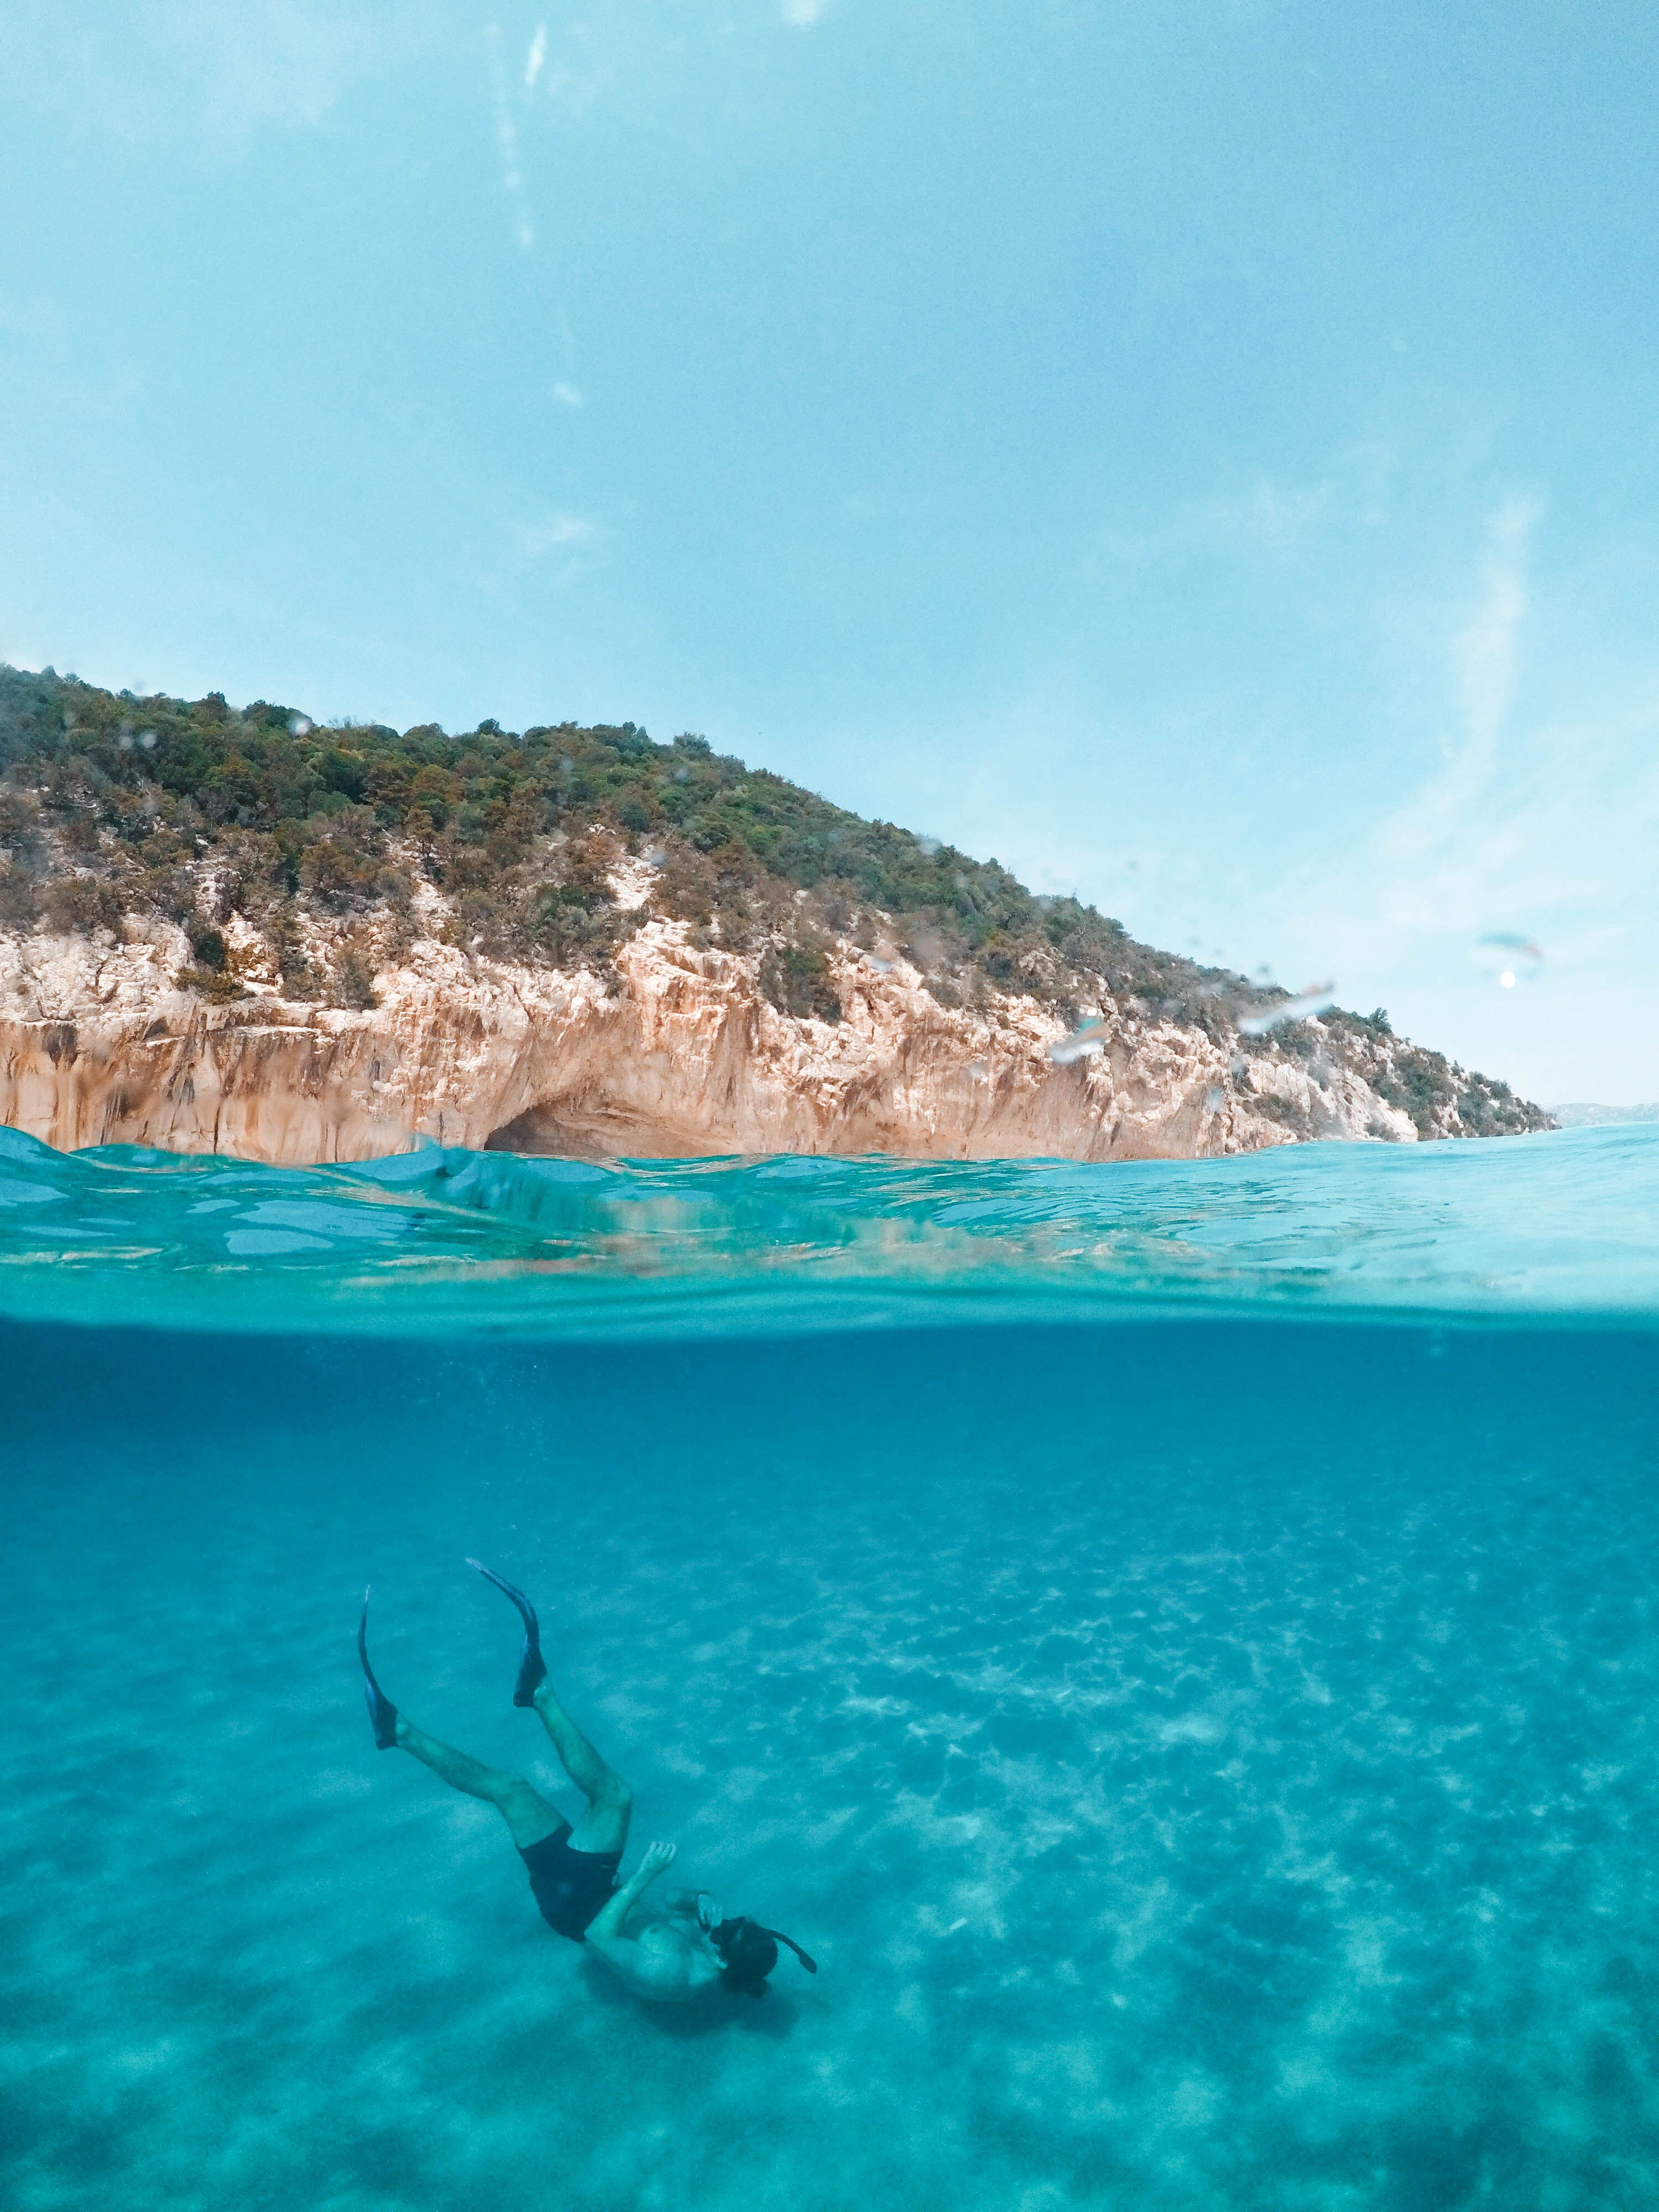 4k duvar kağıdı, ada, Akdeniz, bölünmüş atış içeren Ücretsiz stok fotoğraf